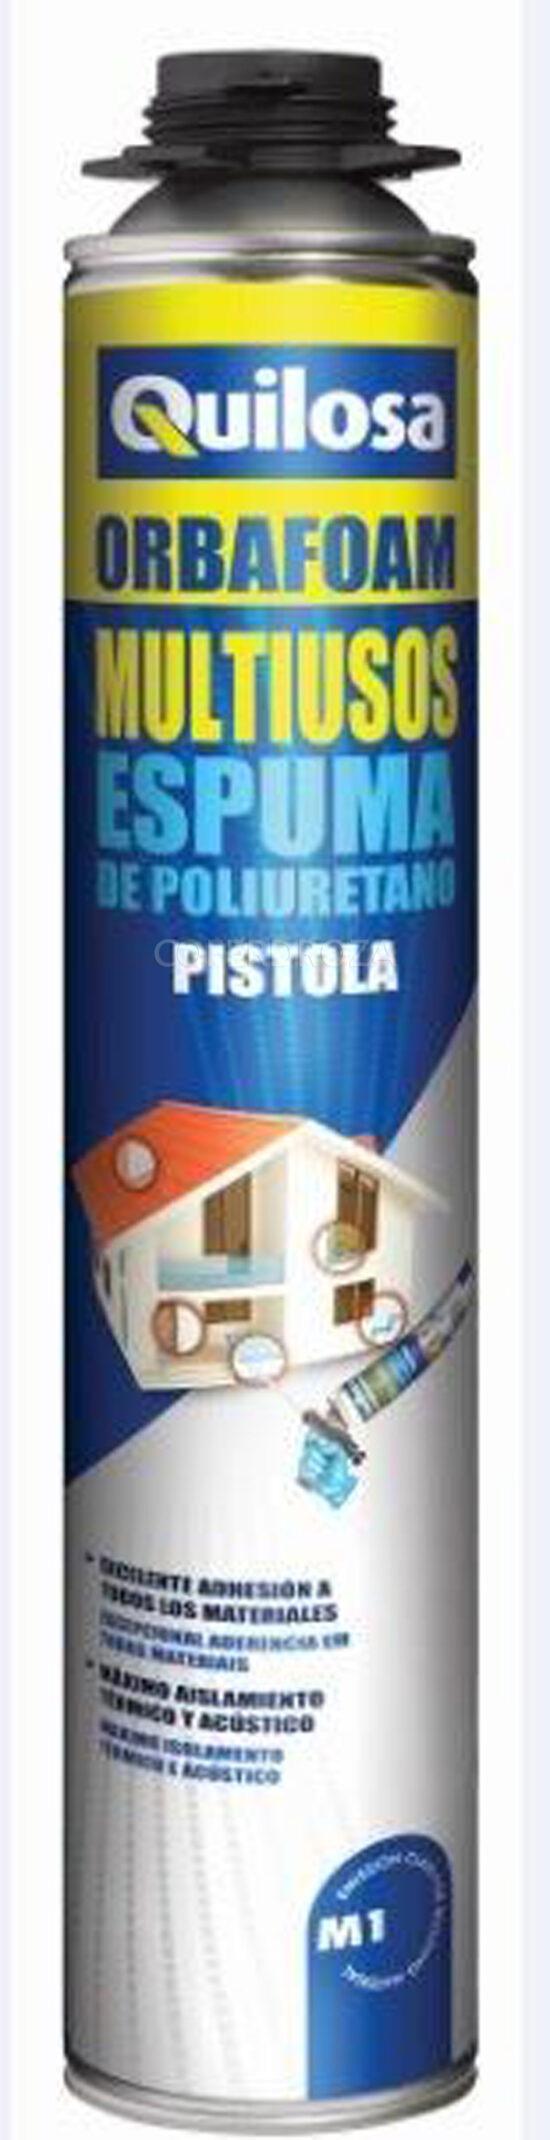 ESPUMA POLIURET PISTOLA - 41533